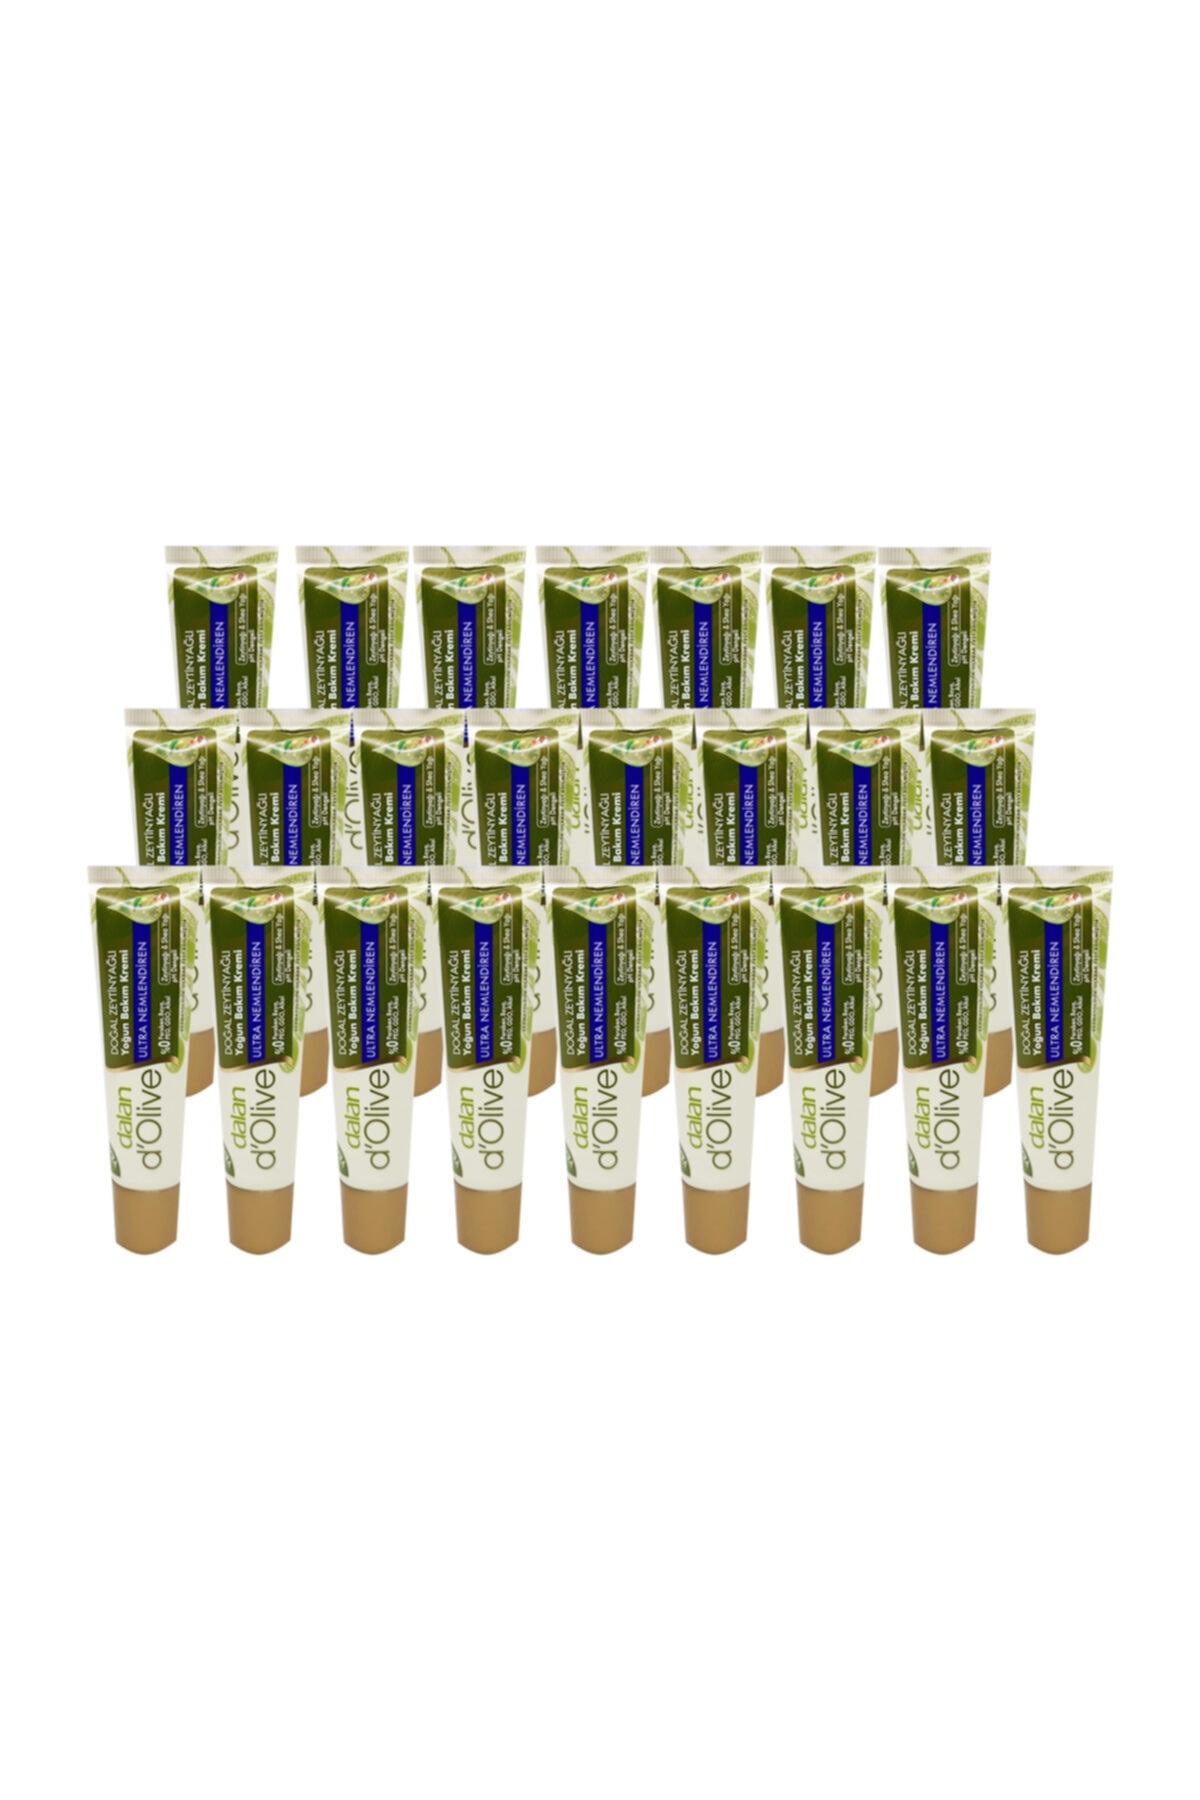 Dalan Dolive Ultra Nemlendiren Bakım Kremi 20 ml 24 Adet 1